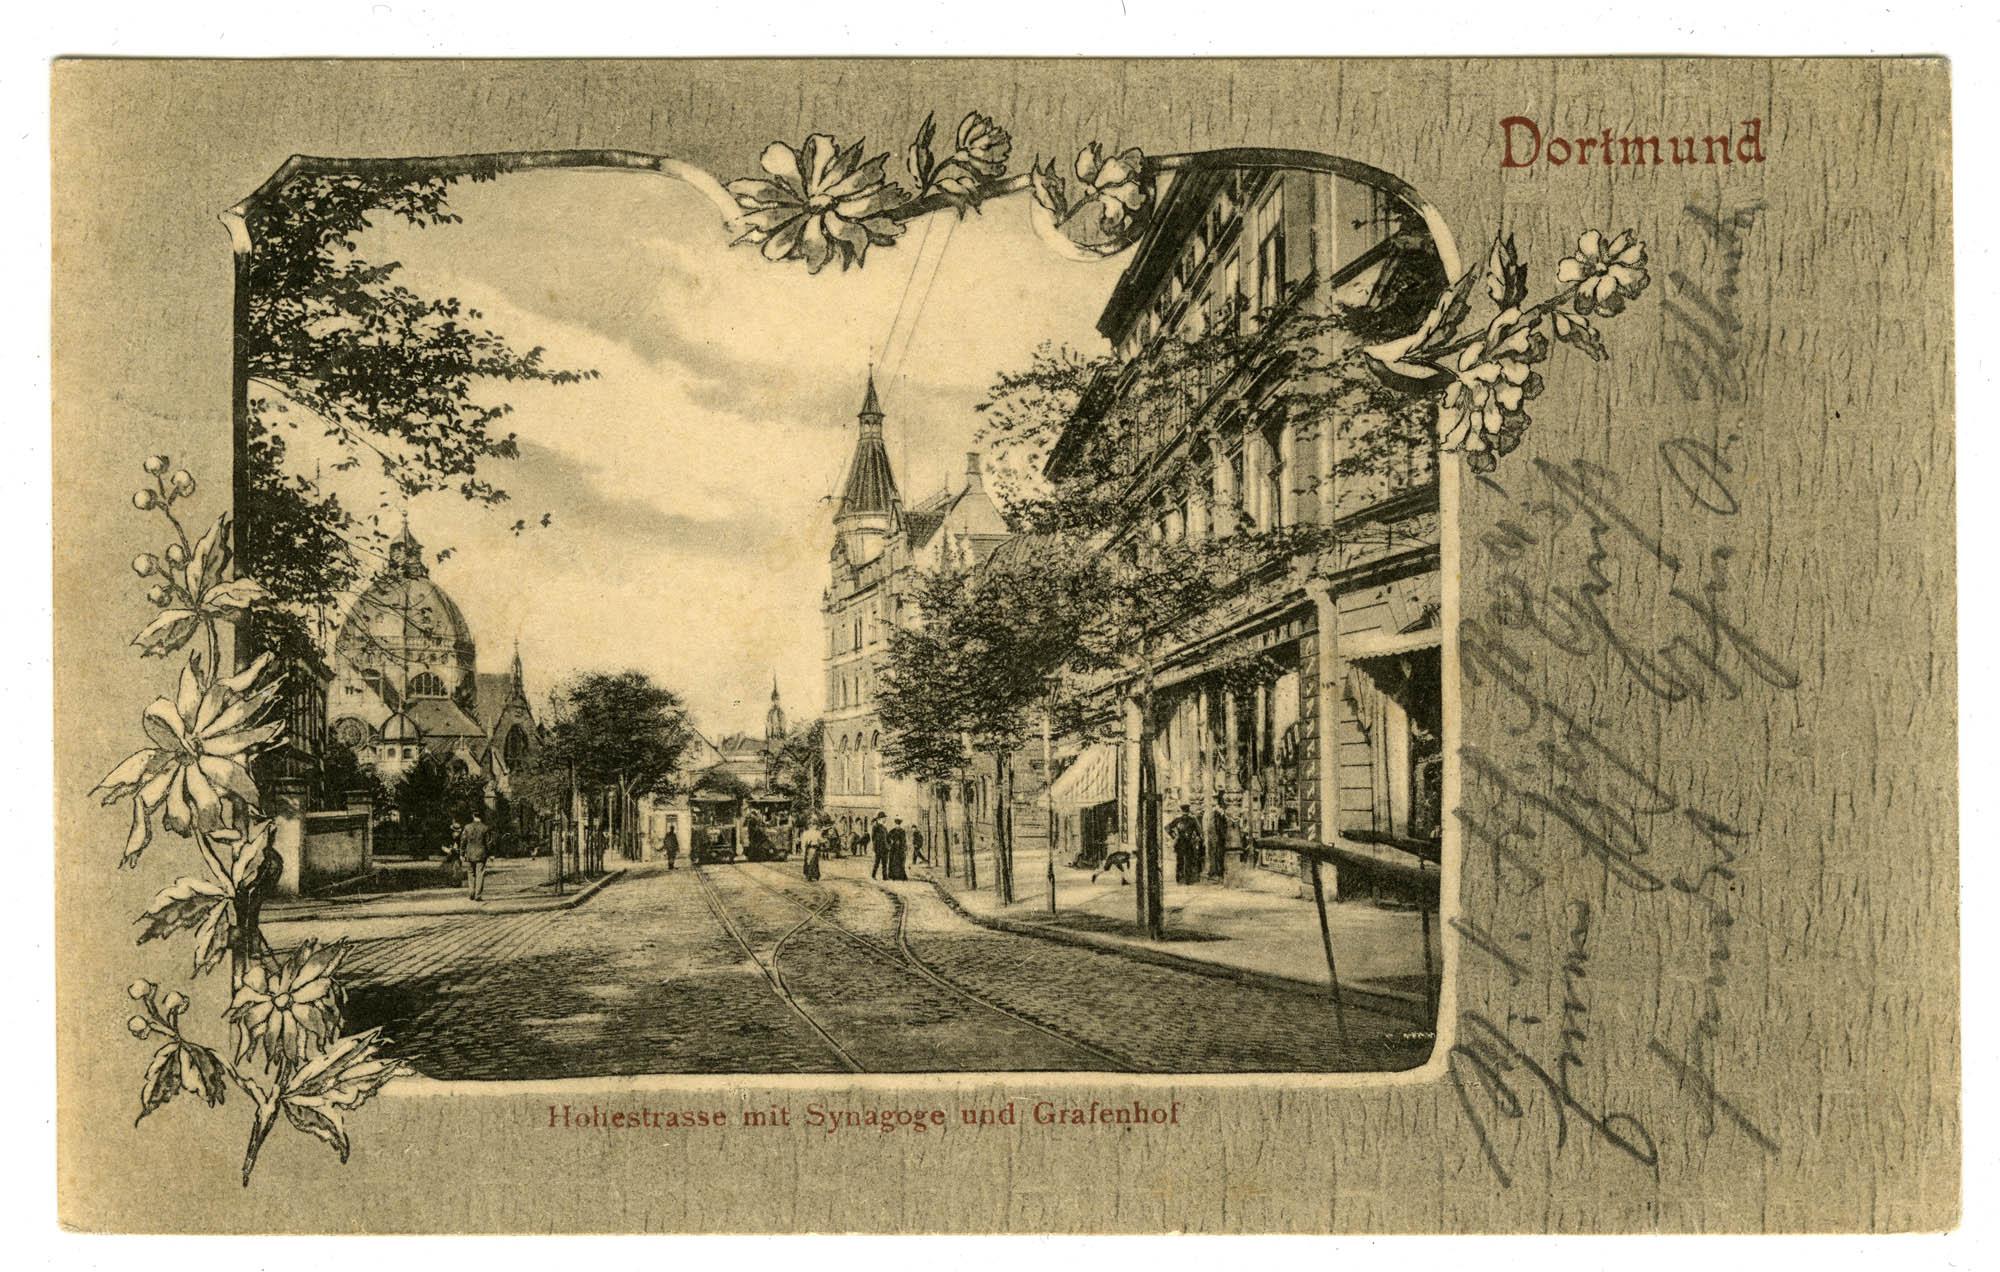 Dortmund, Hohestrasse mit Synagoge und Grafenhof